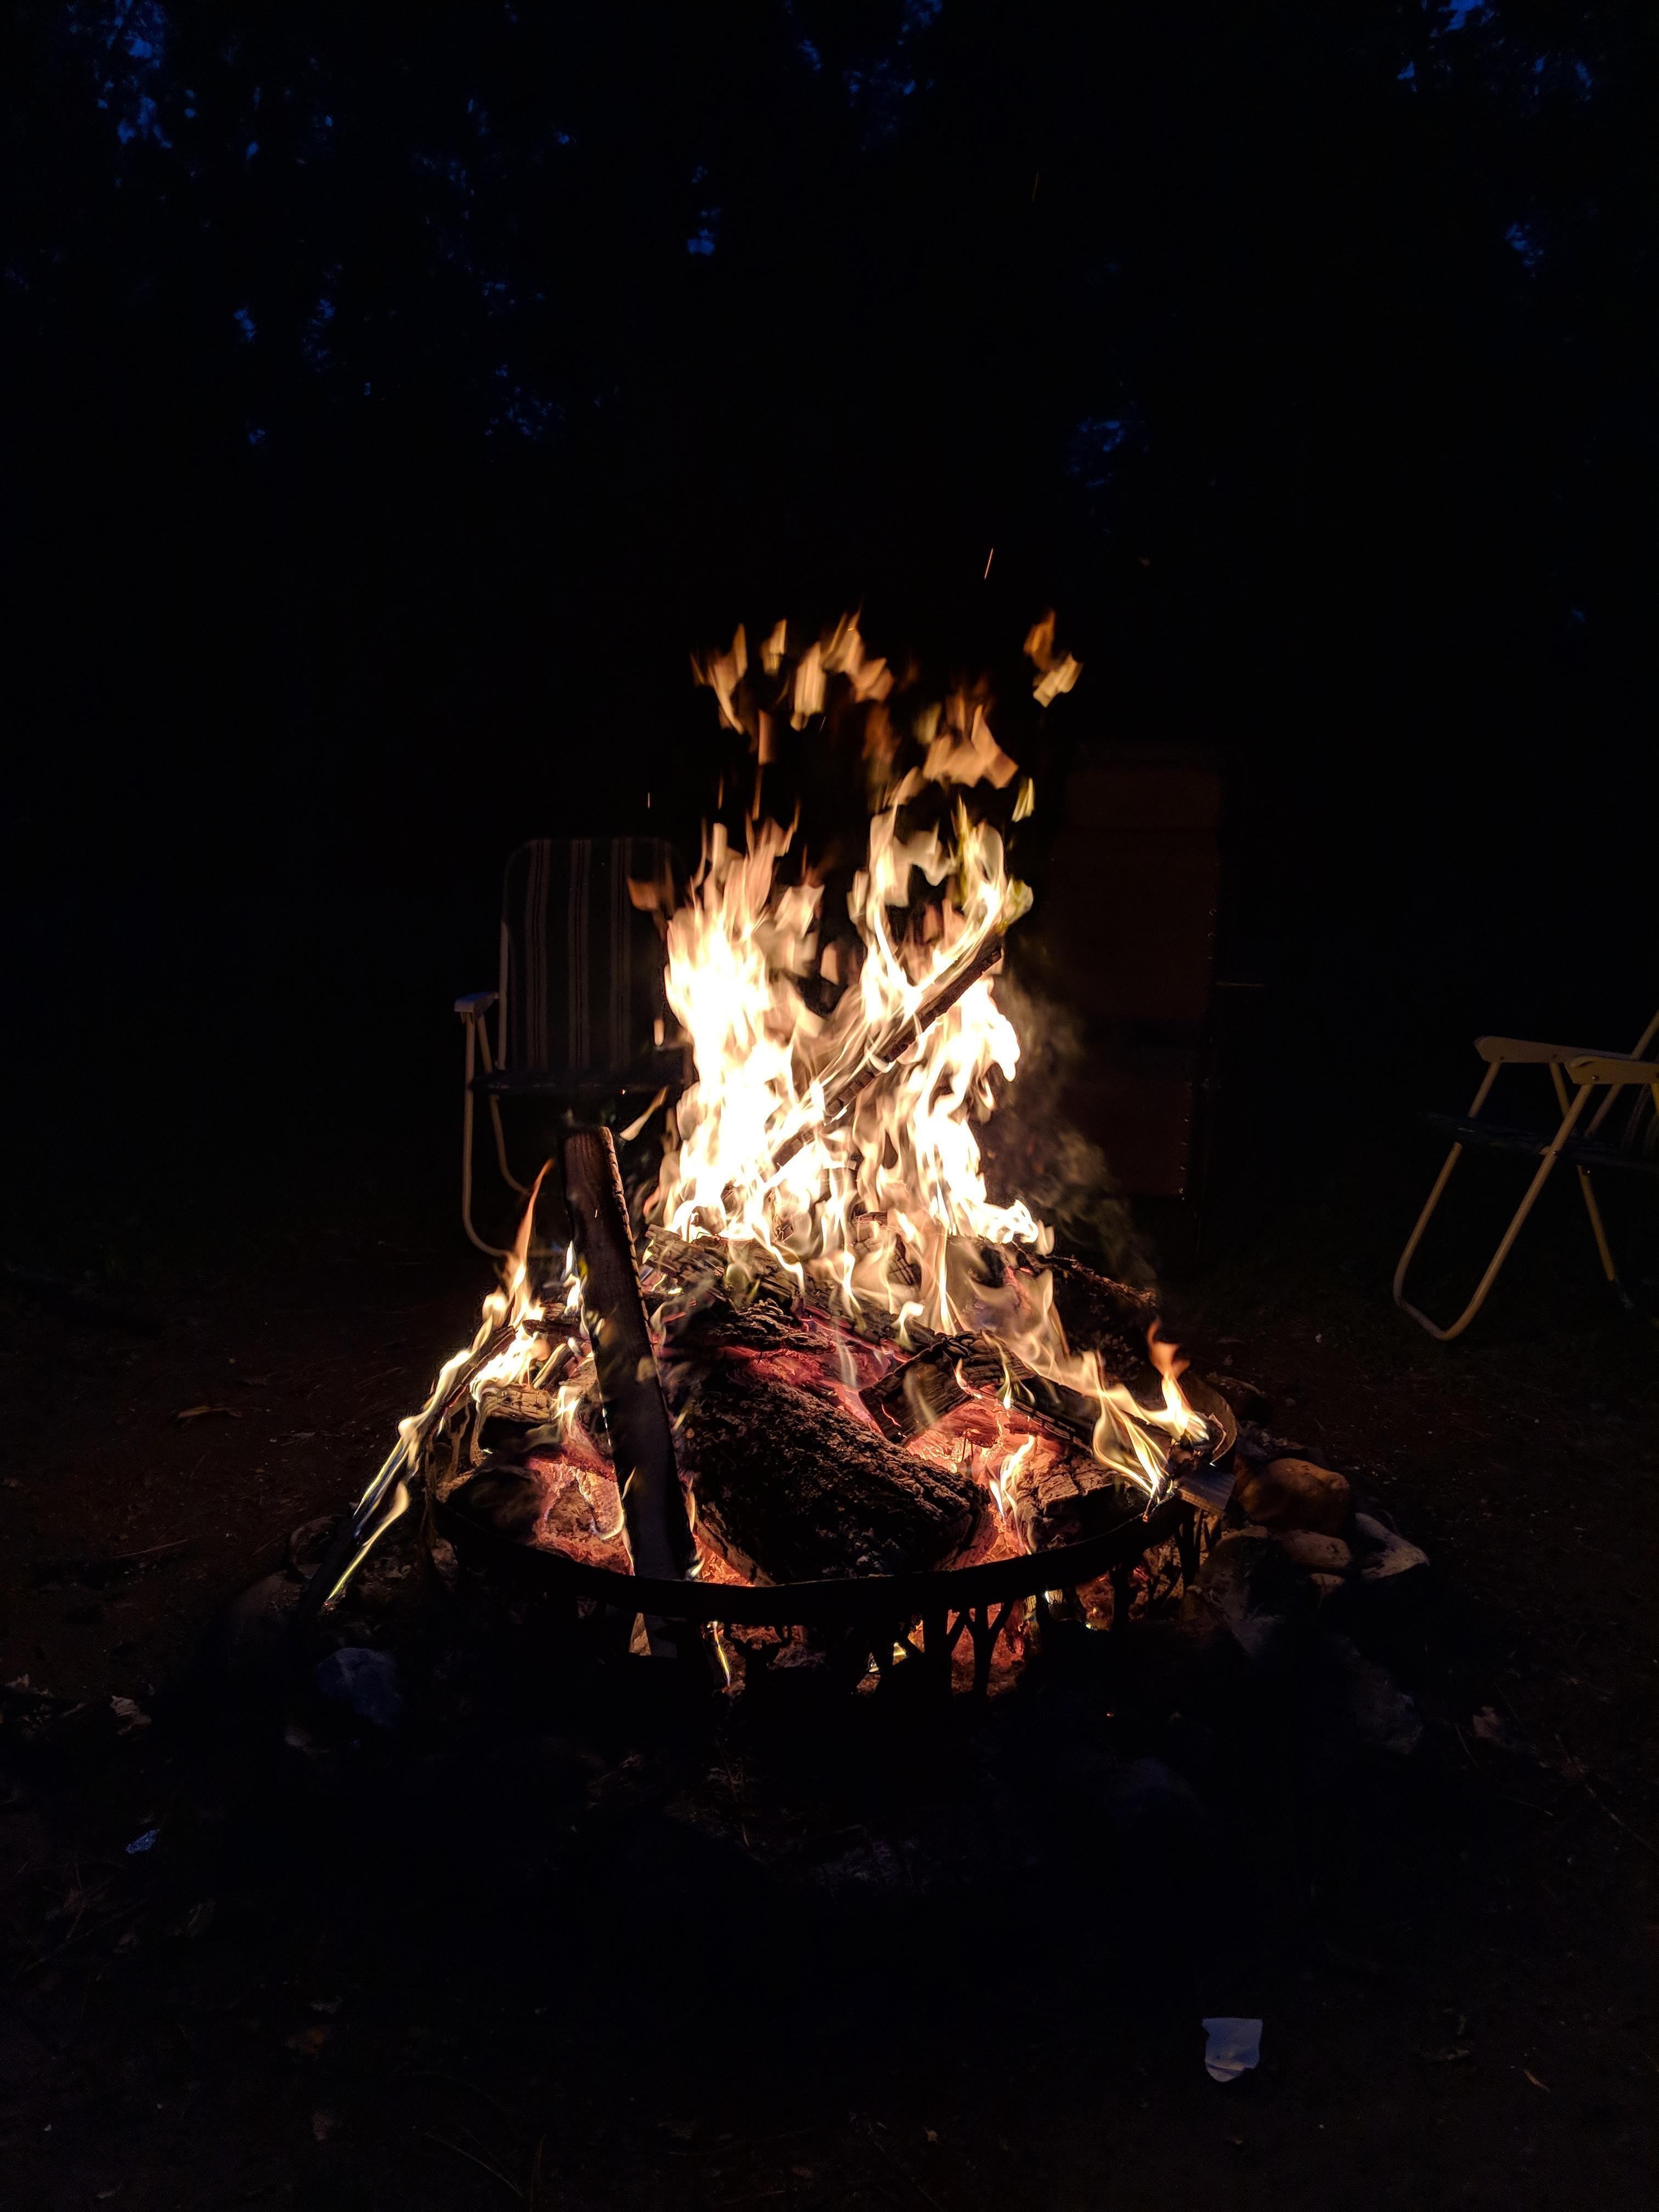 Camp Fire 3024x4032 Campfire Wallpaper Fire